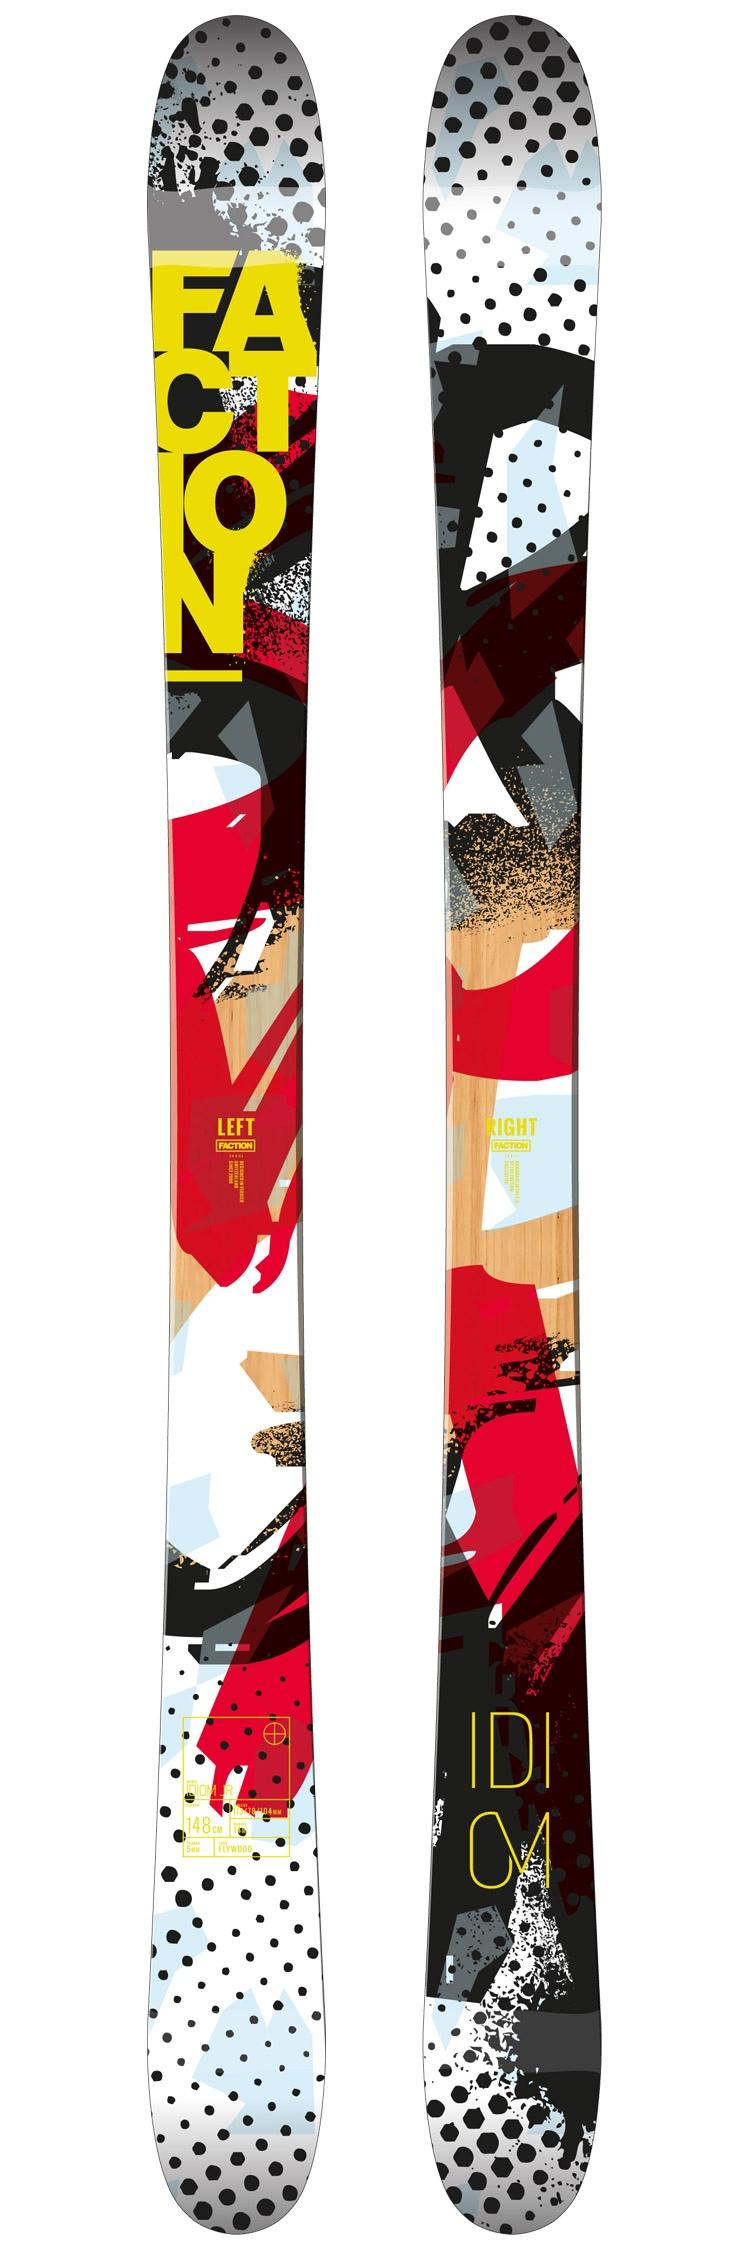 votre skis au meilleur Achetez de freestyle paire prixSportAdvice tshQdCrx